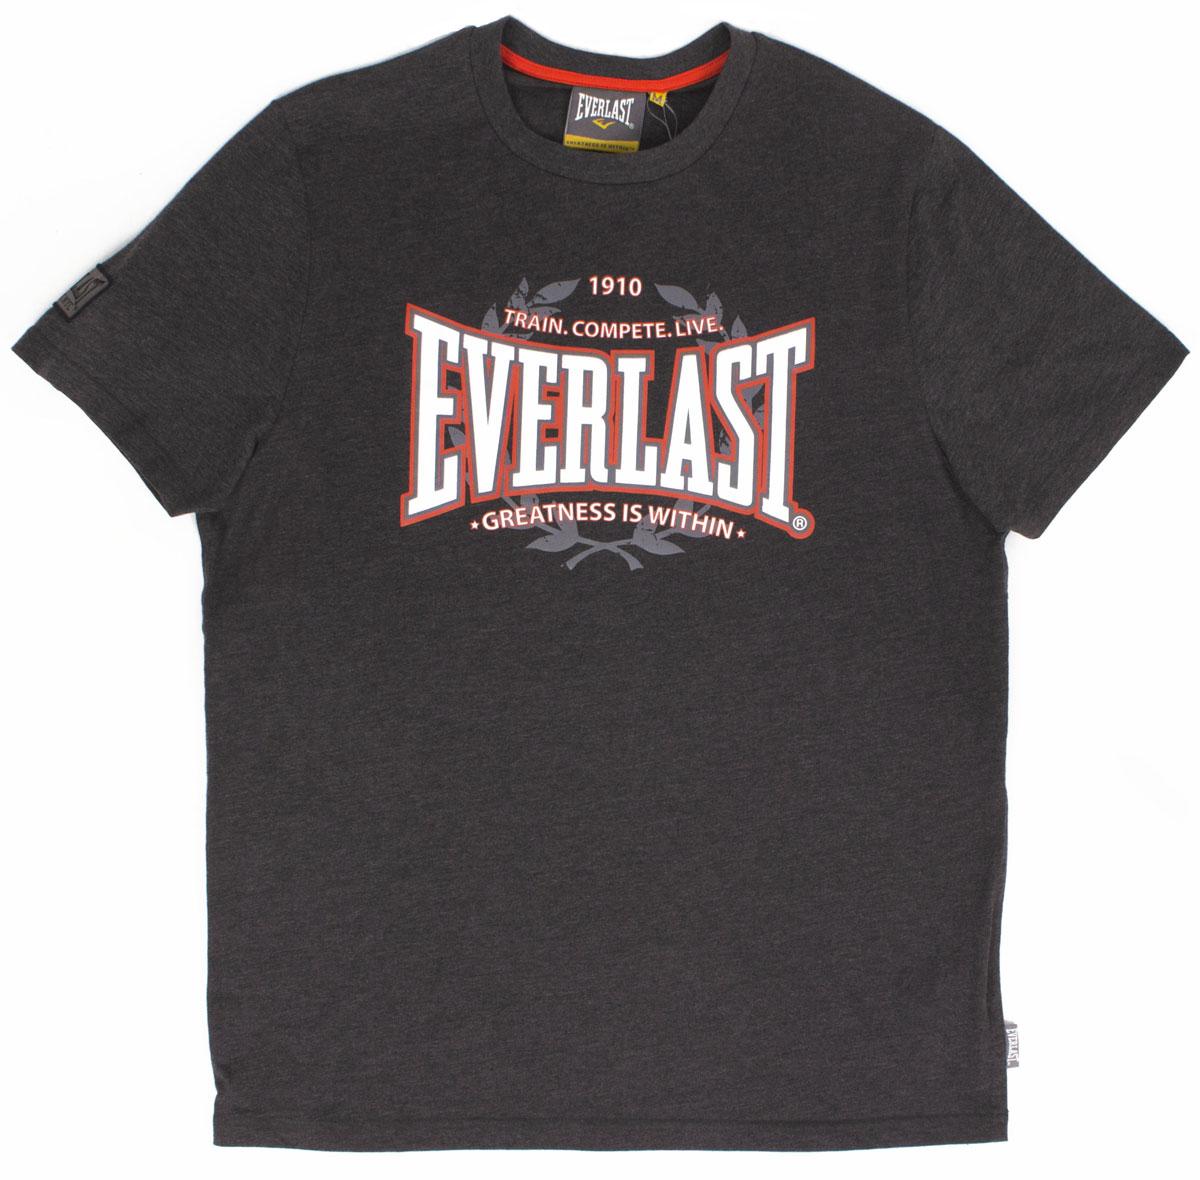 Футболка мужская Everlast Heritage, цвет: серый. EVR6520. Размер L (50/52)EVR6520Симпатичная мужская футболка Everlast выполнена из высококачественного материала, обеспечит вам комфорт при носке.Футболка прямого кроя с круглым вырезом горловины и короткими рукавами оформлена принтовой надписью. Эта замечательная футболка отлично подойдет для тренировок и повседневного ношения.